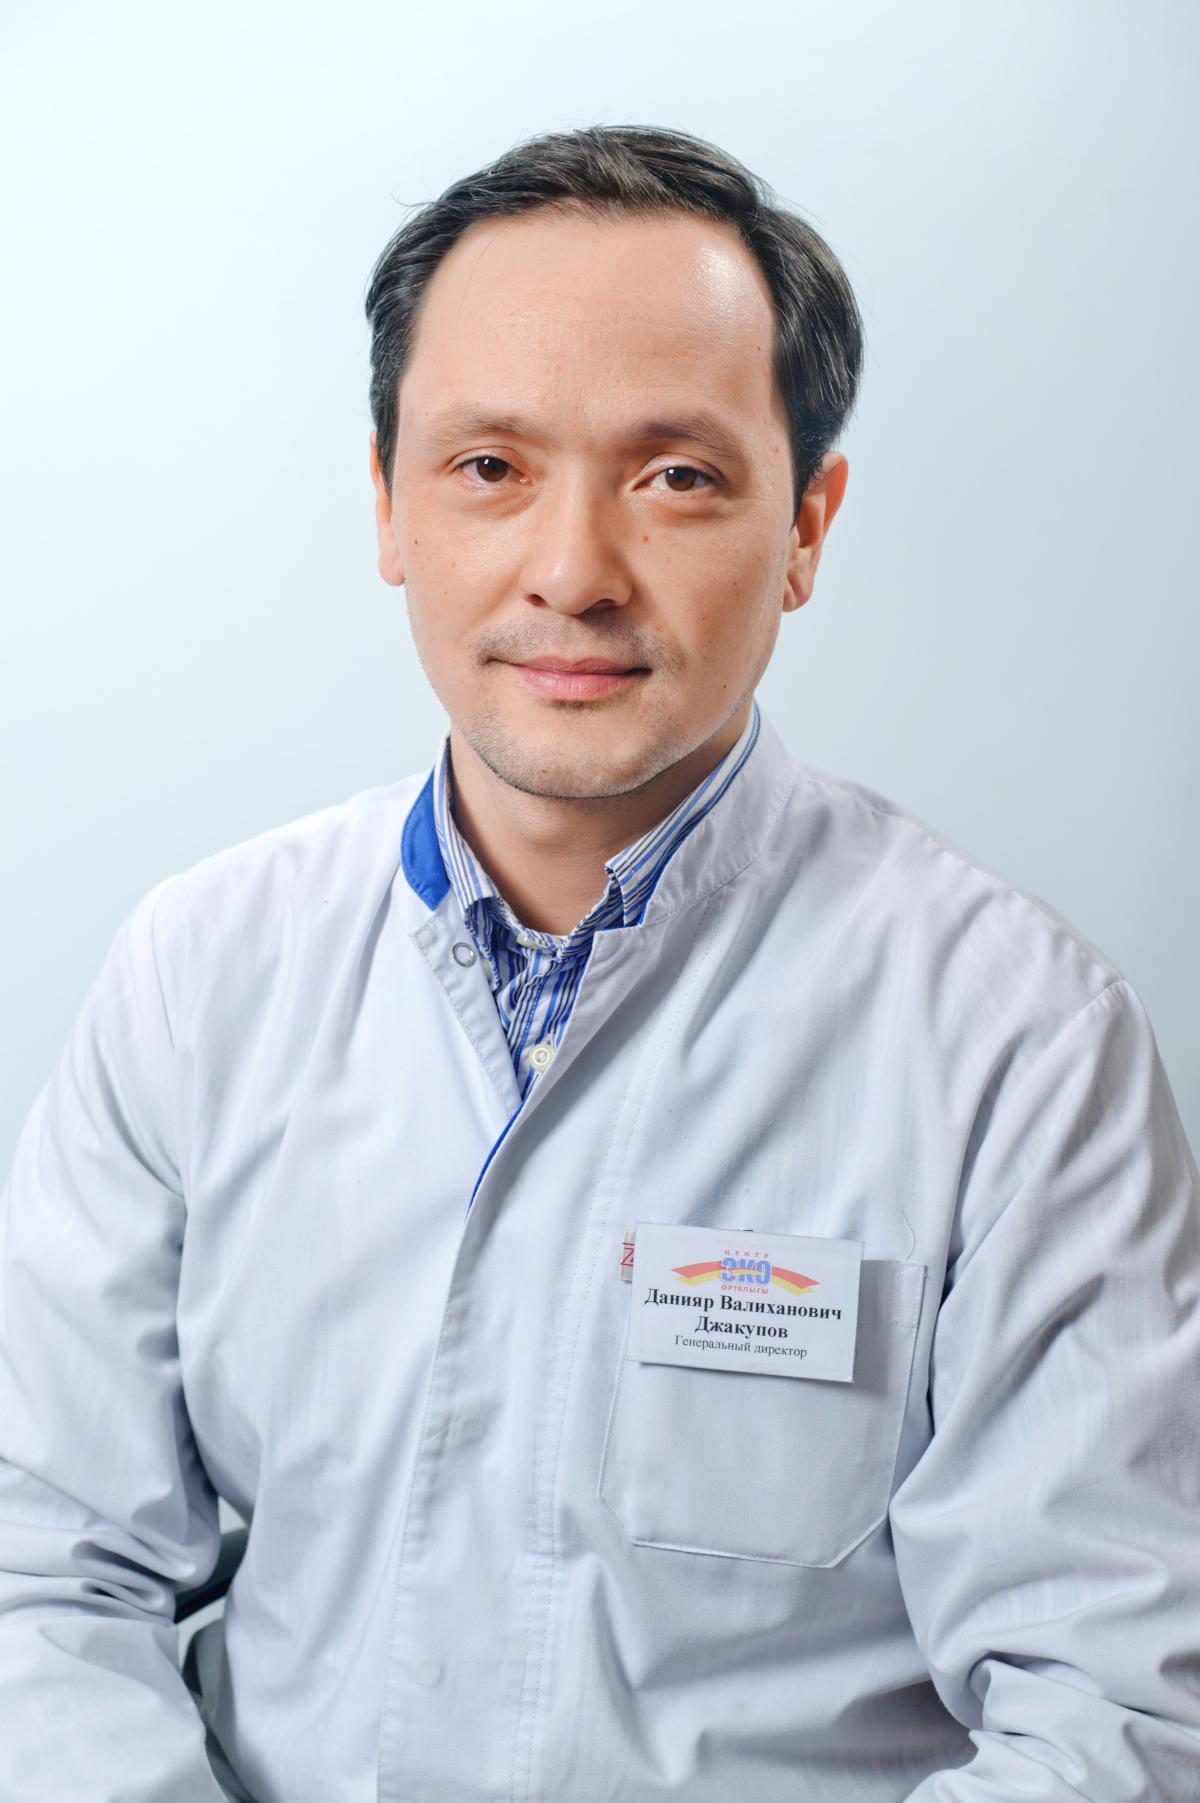 Джакупов Данияр Валиханович фото